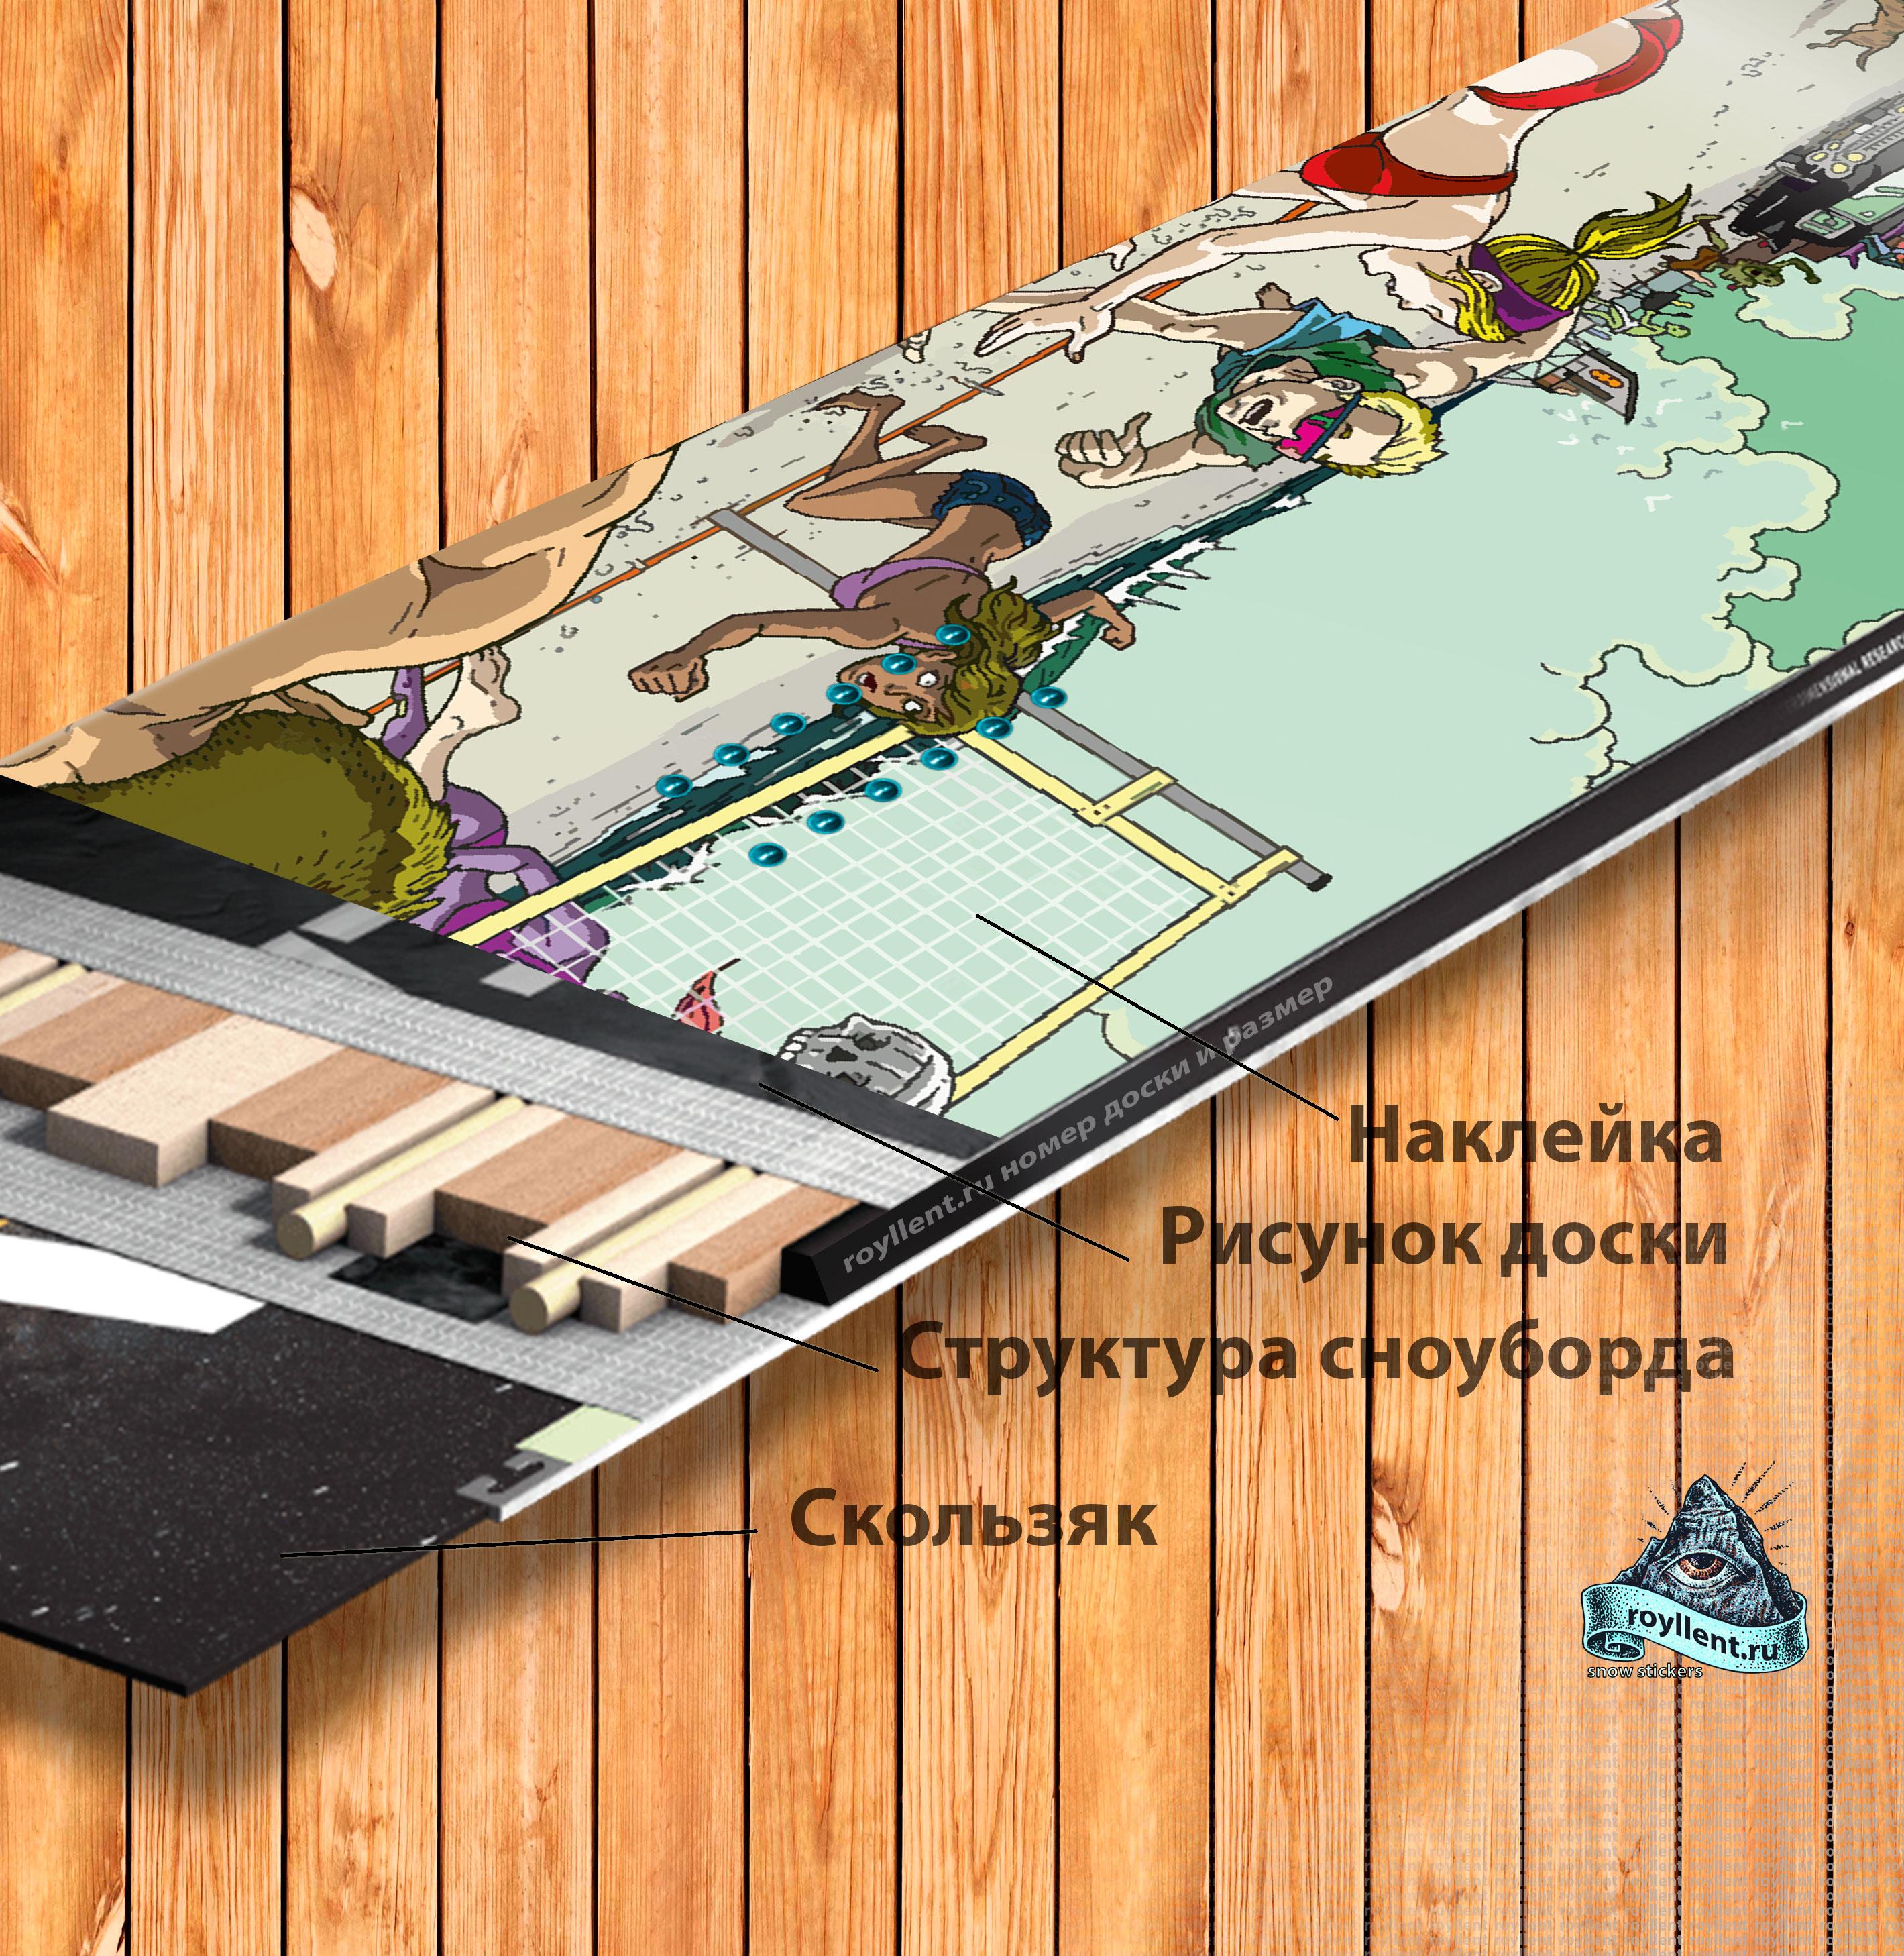 Стикер наклейка на сноуборд в стиле зомби пляжа